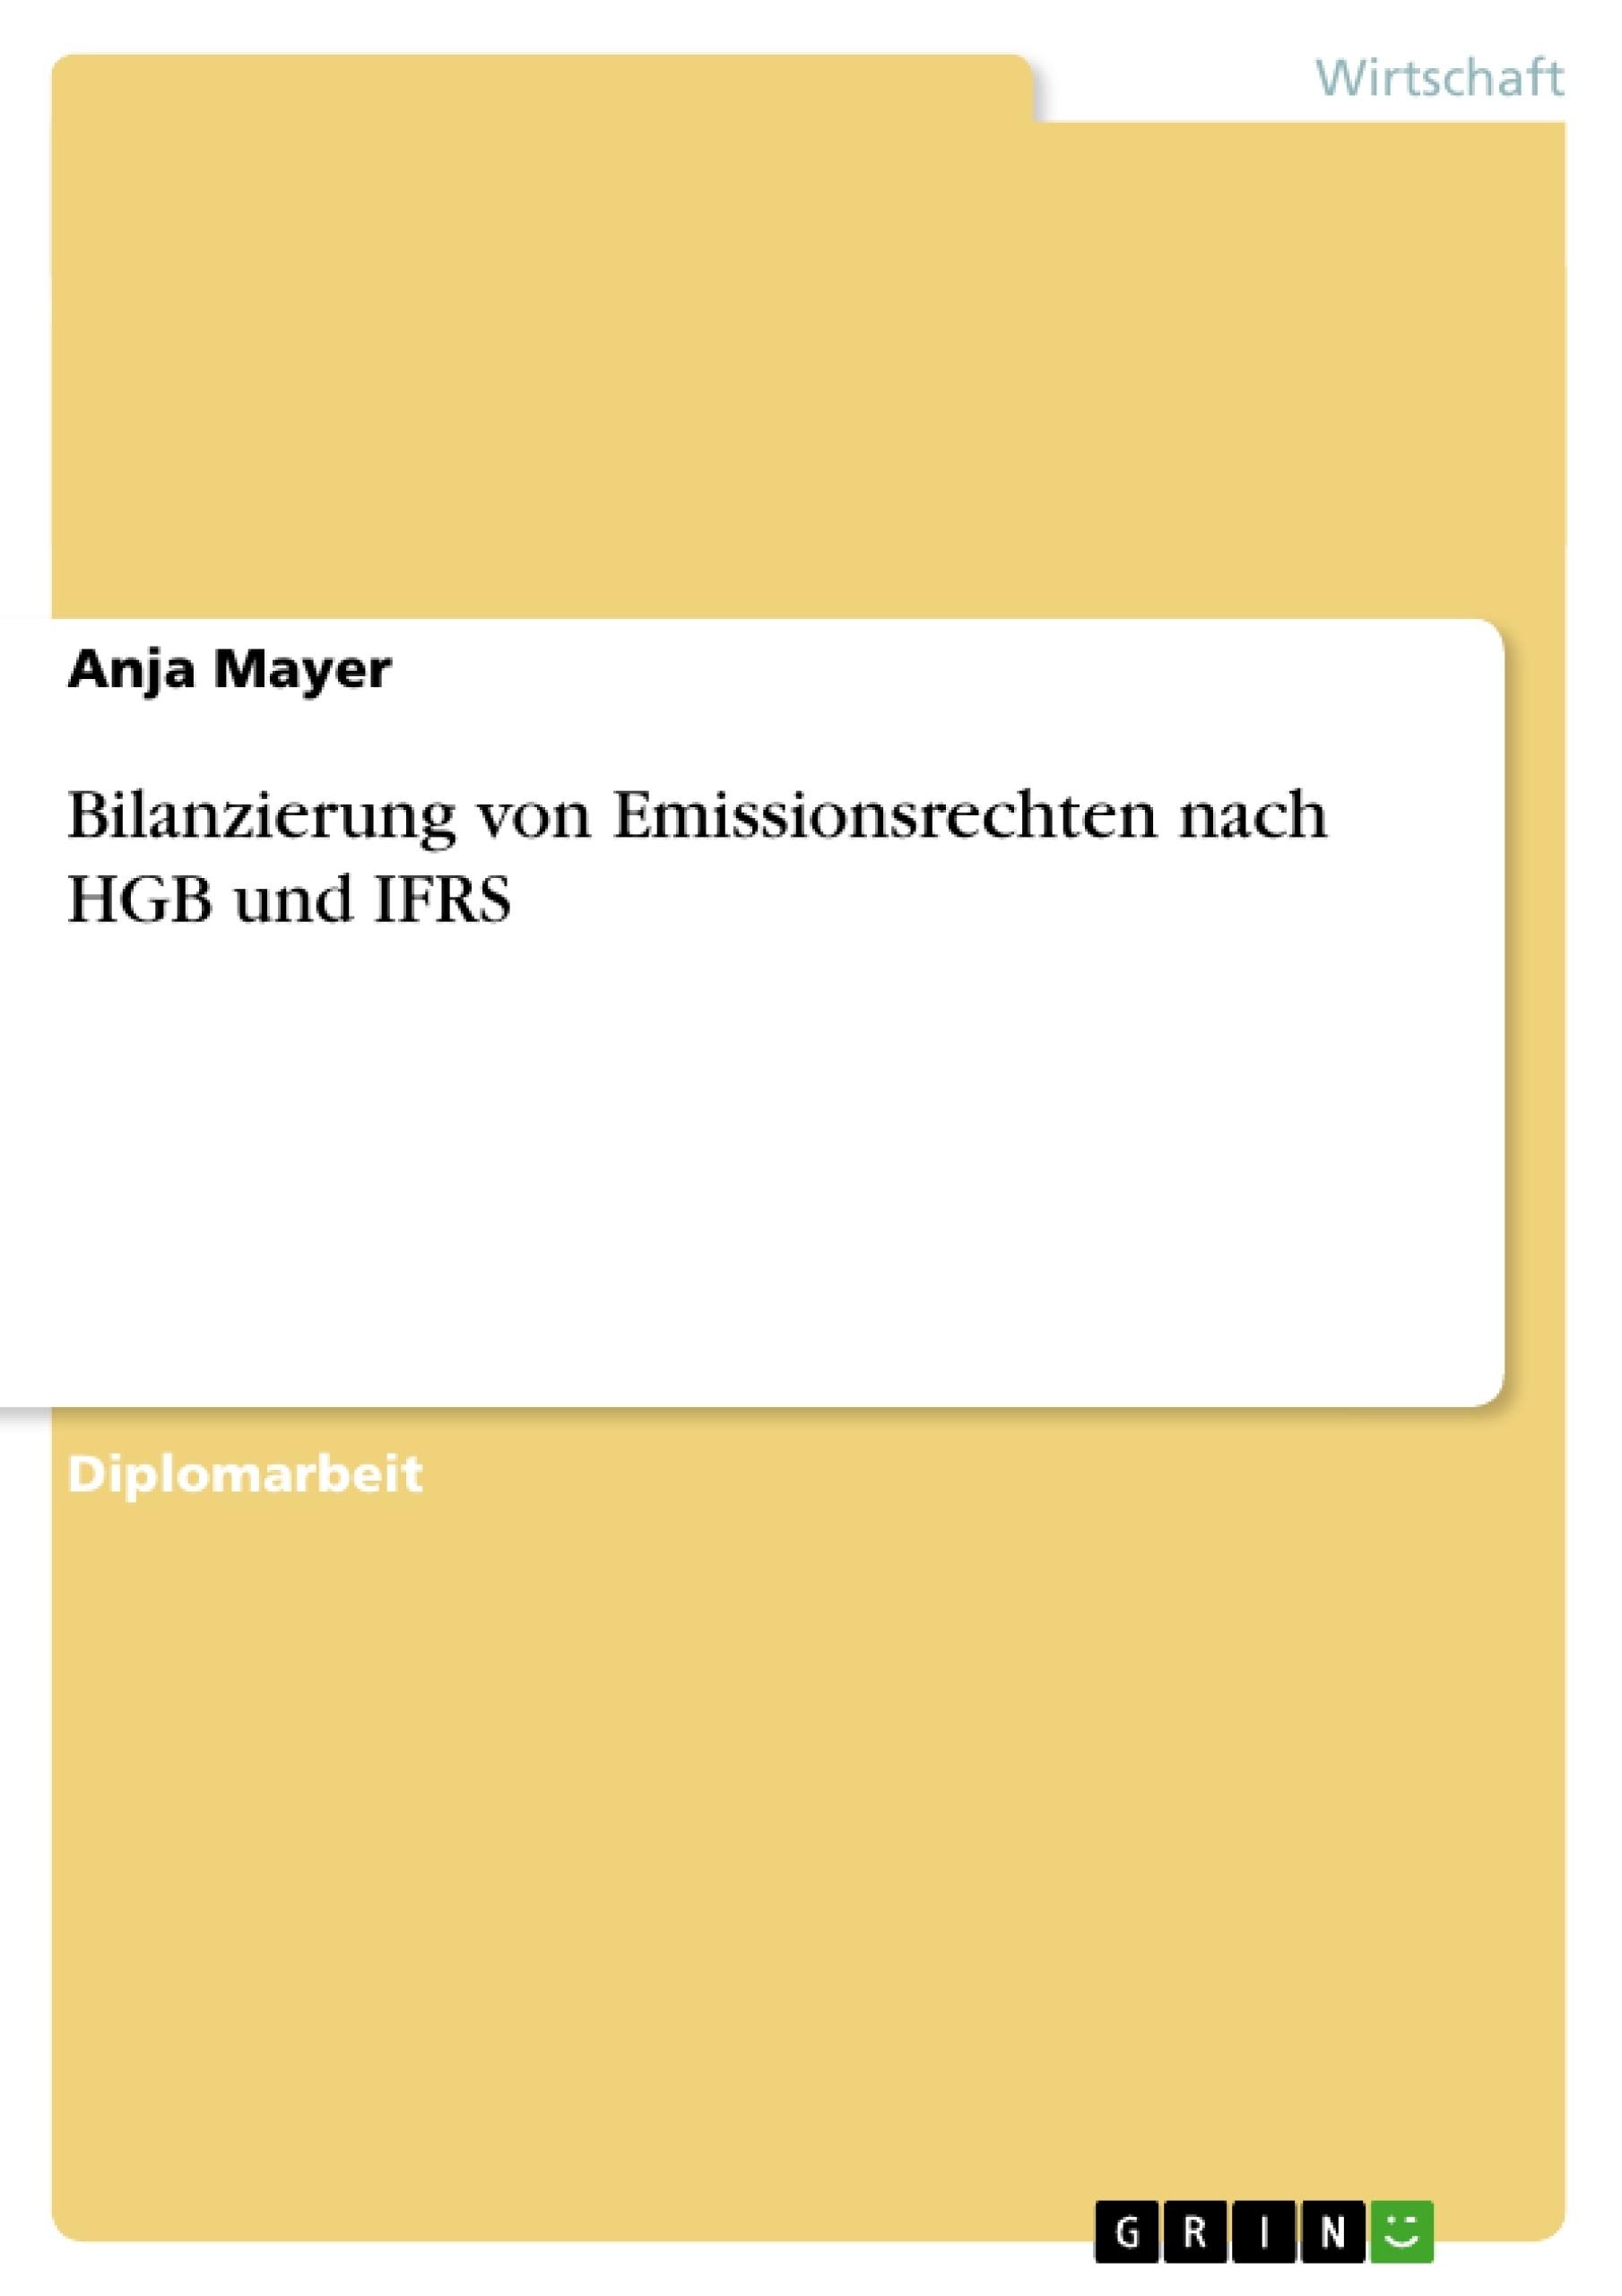 Titel: Bilanzierung von Emissionsrechten nach HGB und IFRS